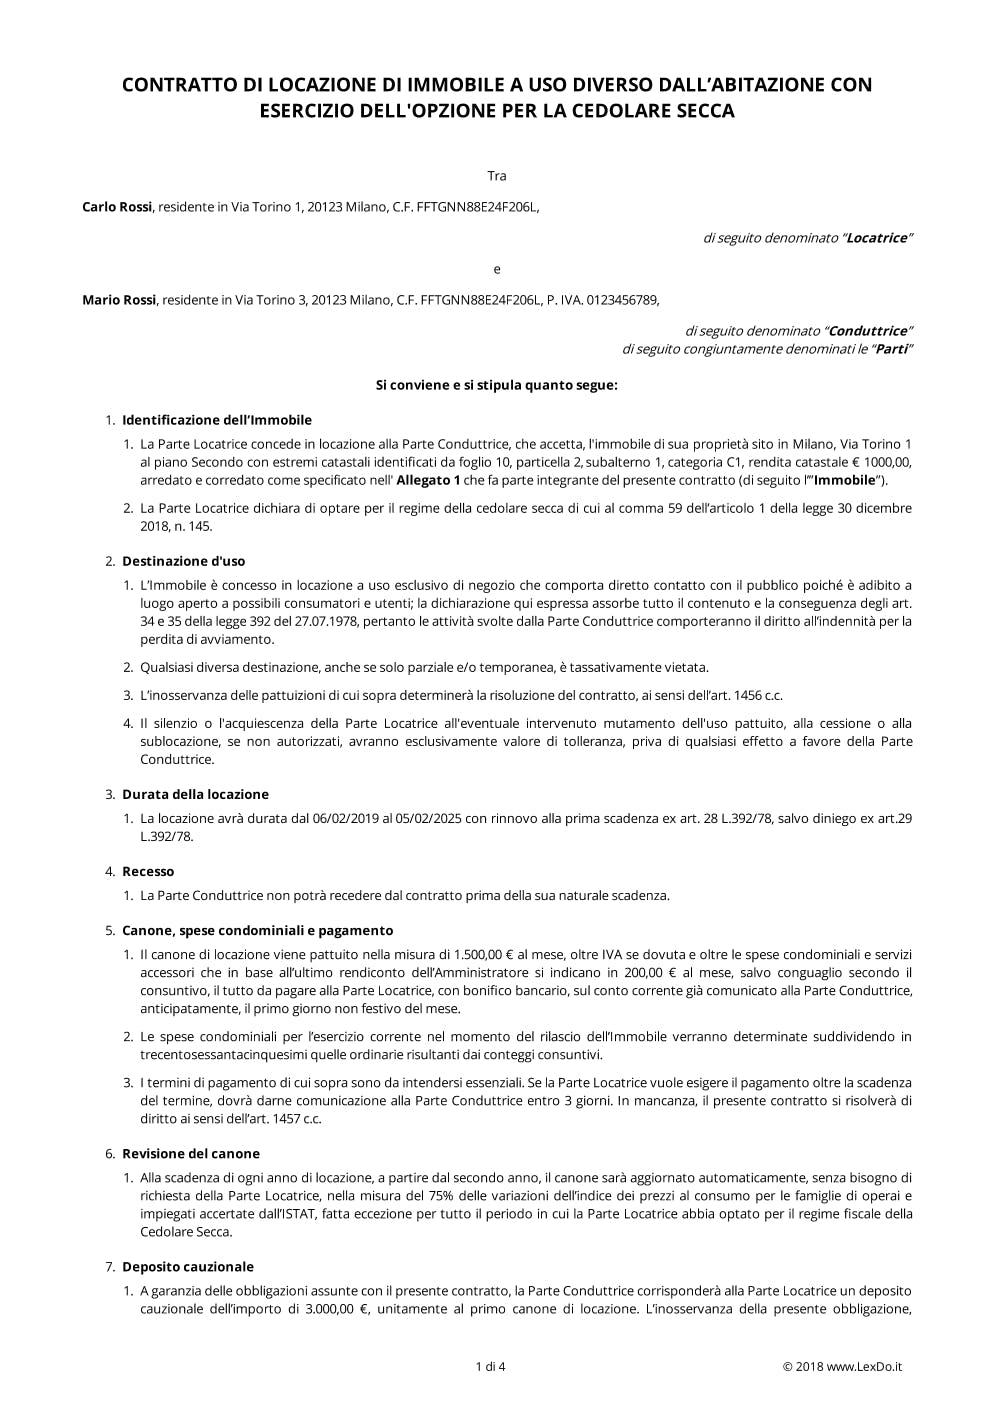 Contratto di Locazione Commerciale con Cedolare Secca modello